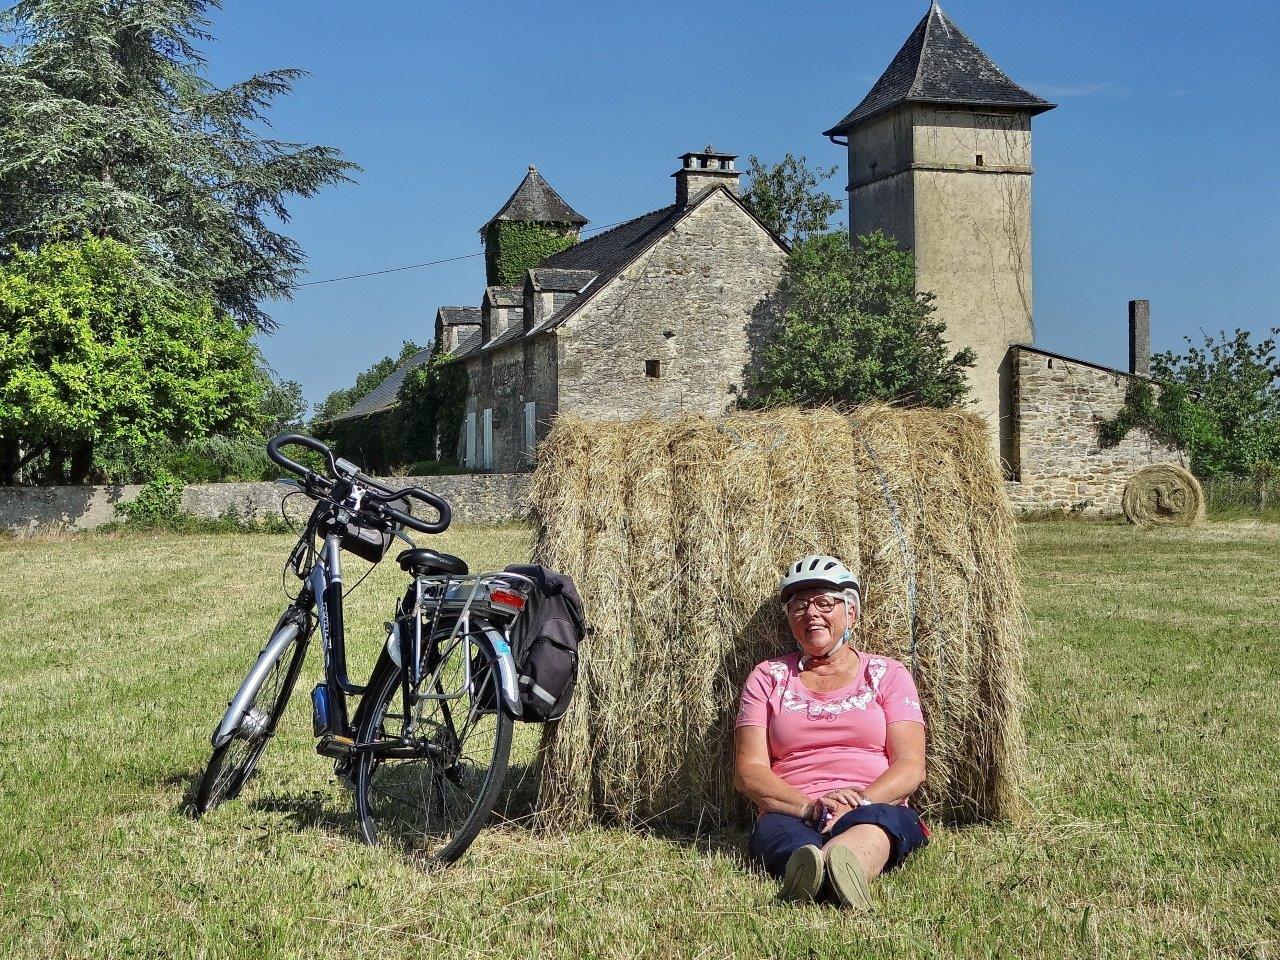 Dordogne (d.willebrands@zeelandnet.nl)